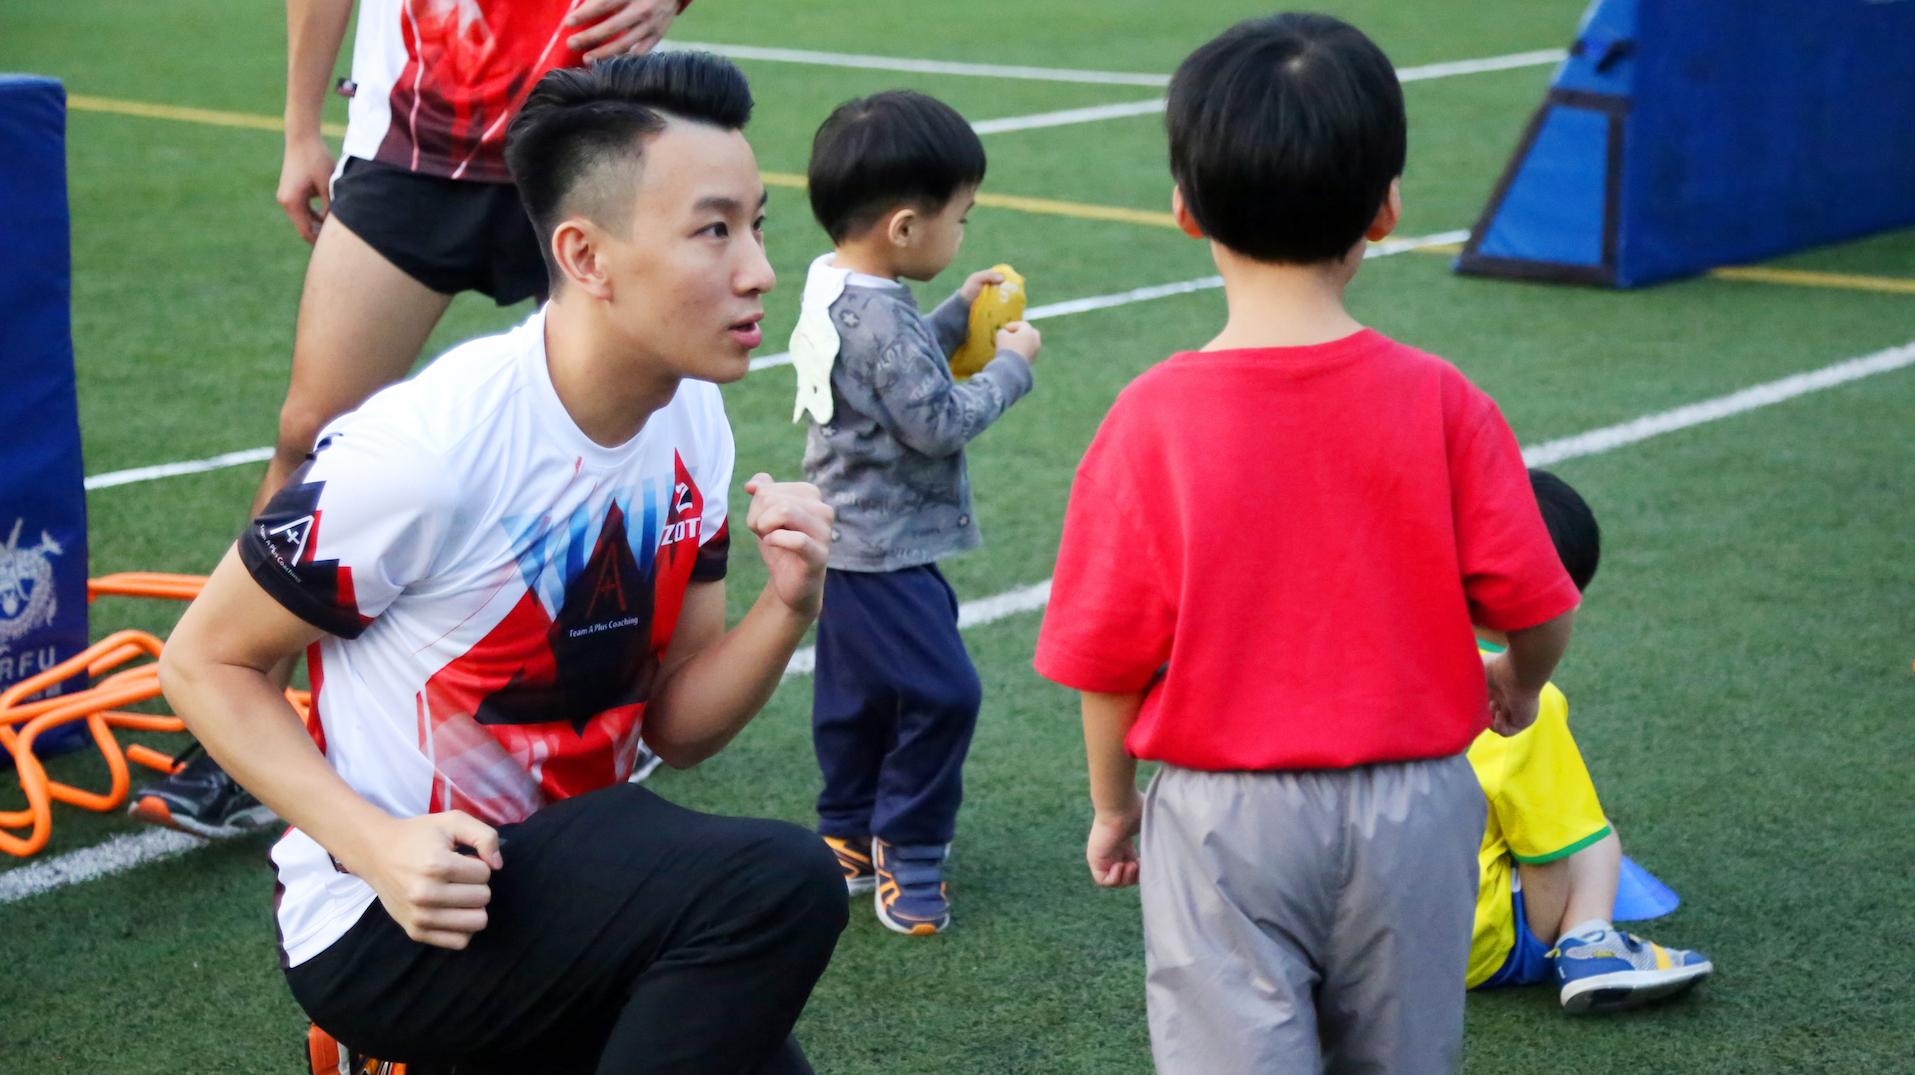 雖然唔係訓練運動健將,但教練都會注動細節,教小朋友握實拳頭跑。